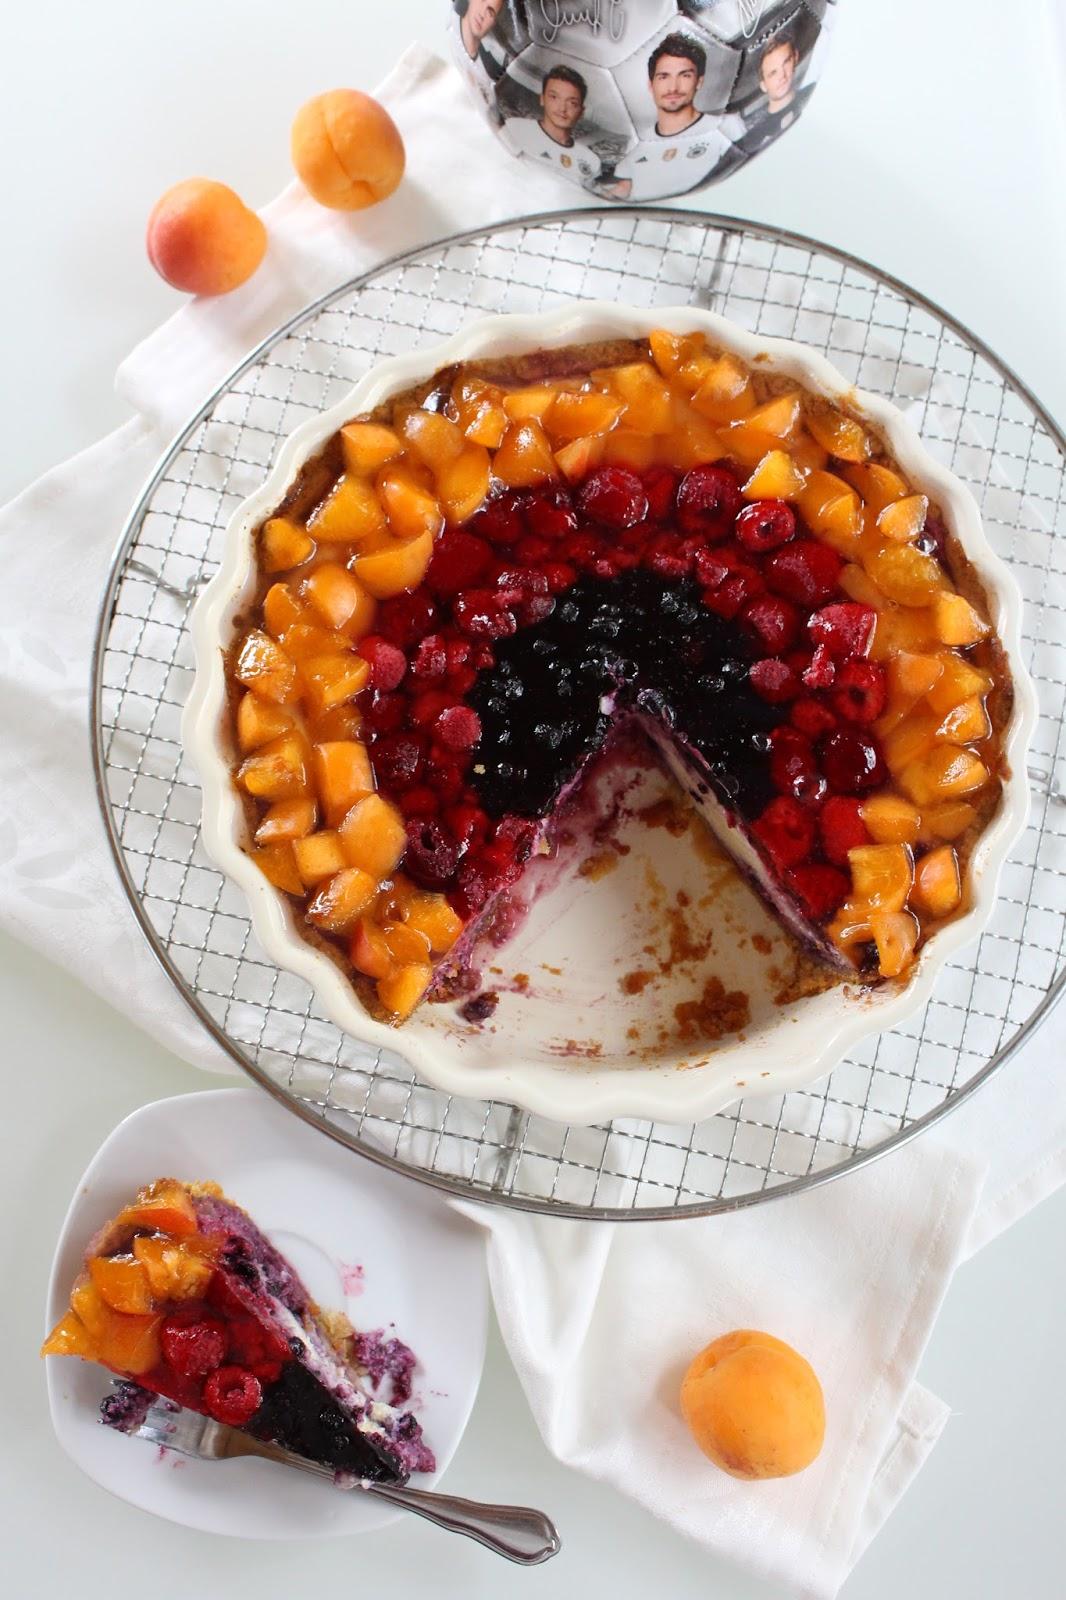 Deutschland-Cheesecake mit Obst in Schwarz-Rot-Gold